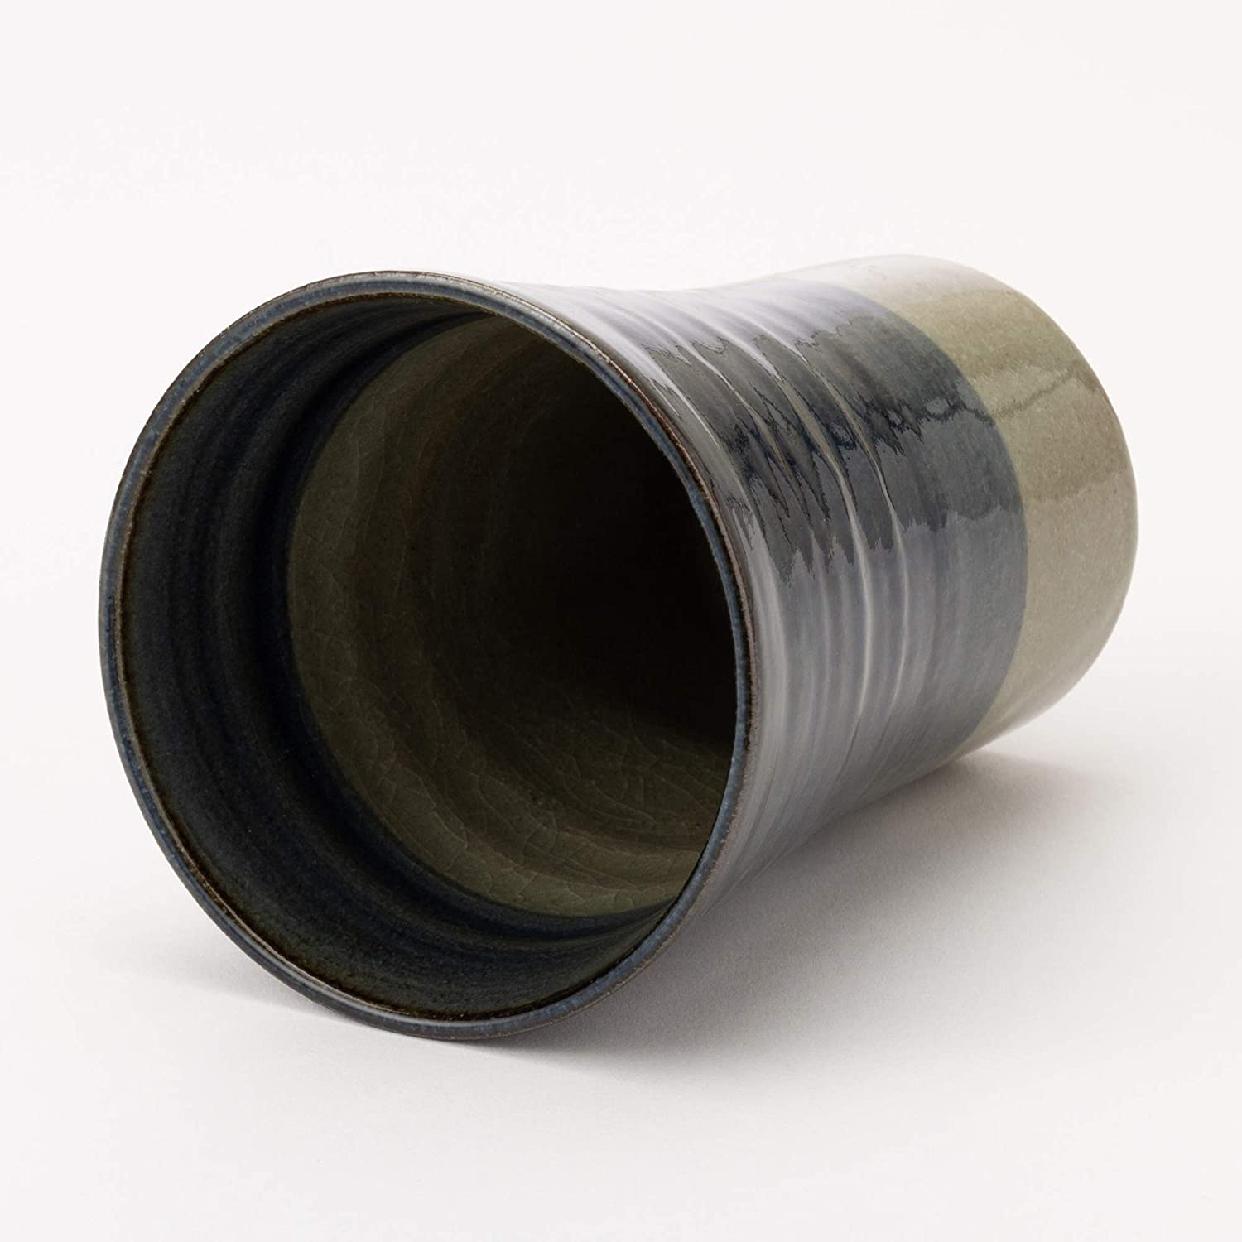 MINO CRAFT. 焼酎カップ K60325 OFUKEの商品画像5